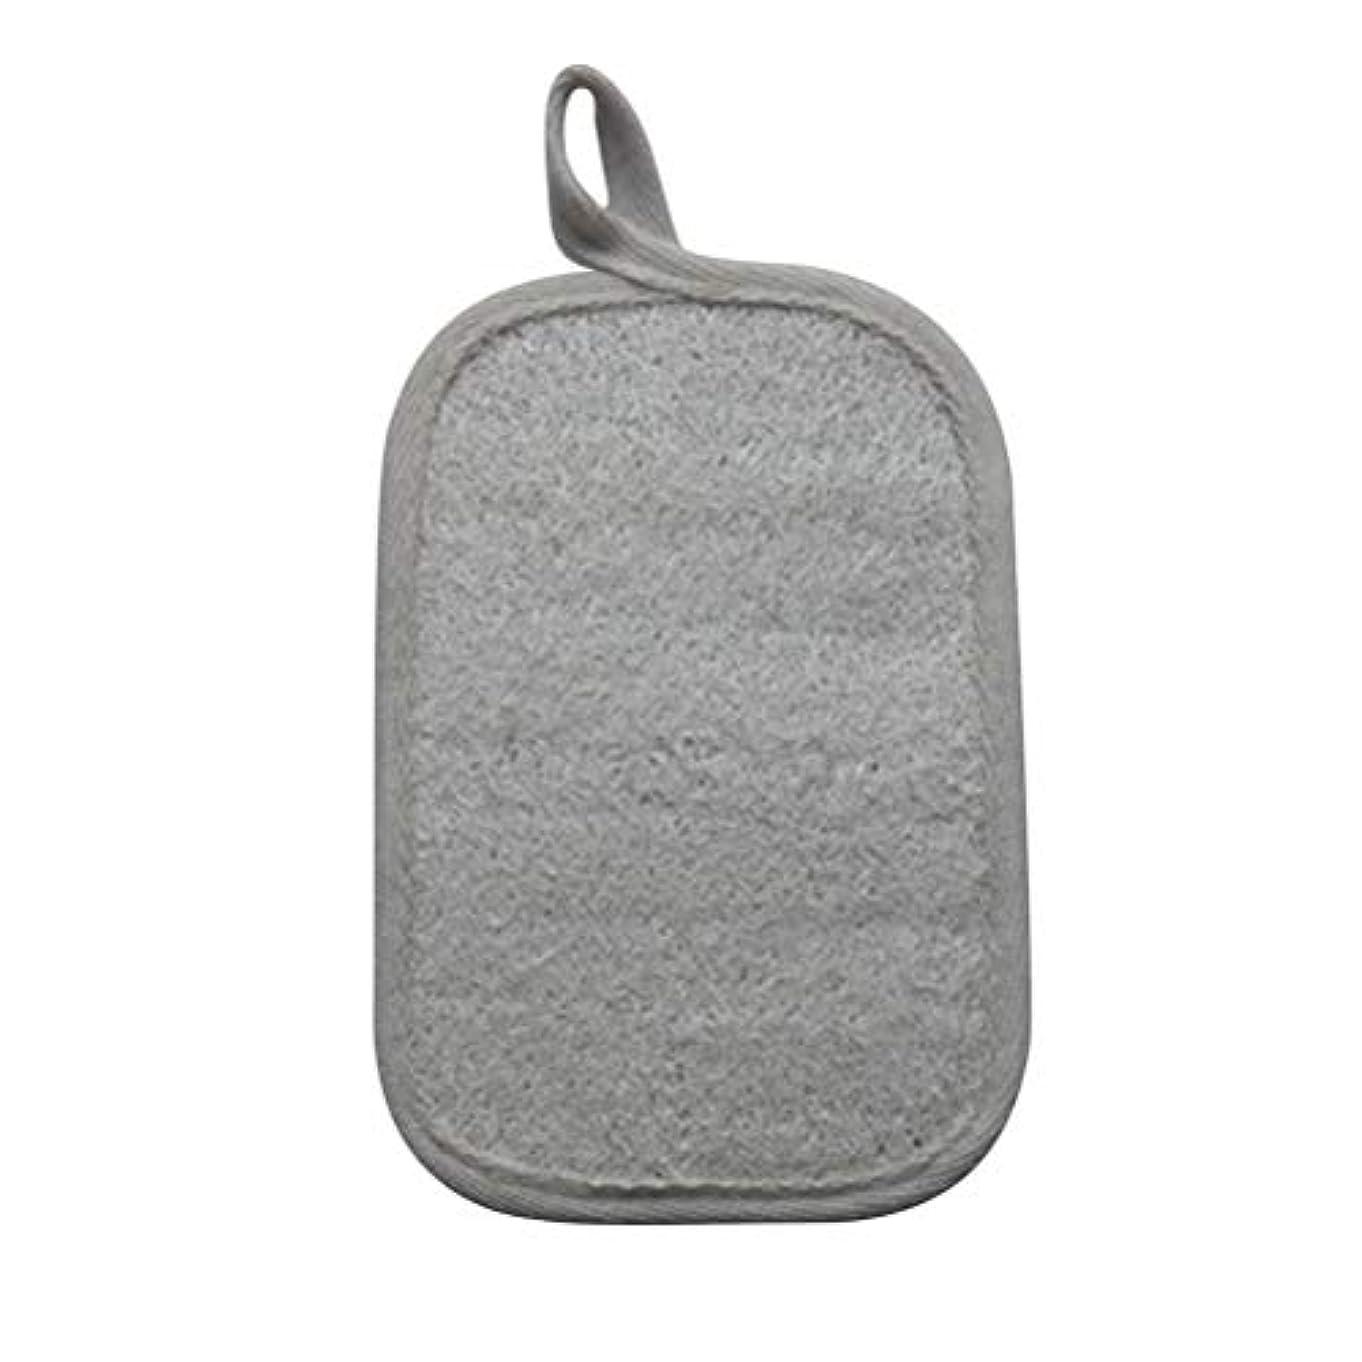 チラチラする有効収縮HEALIFTY シャワーのための自然なLoofahのスポンジパッドの風呂の剥離Loofahのスポンジのスクラバー